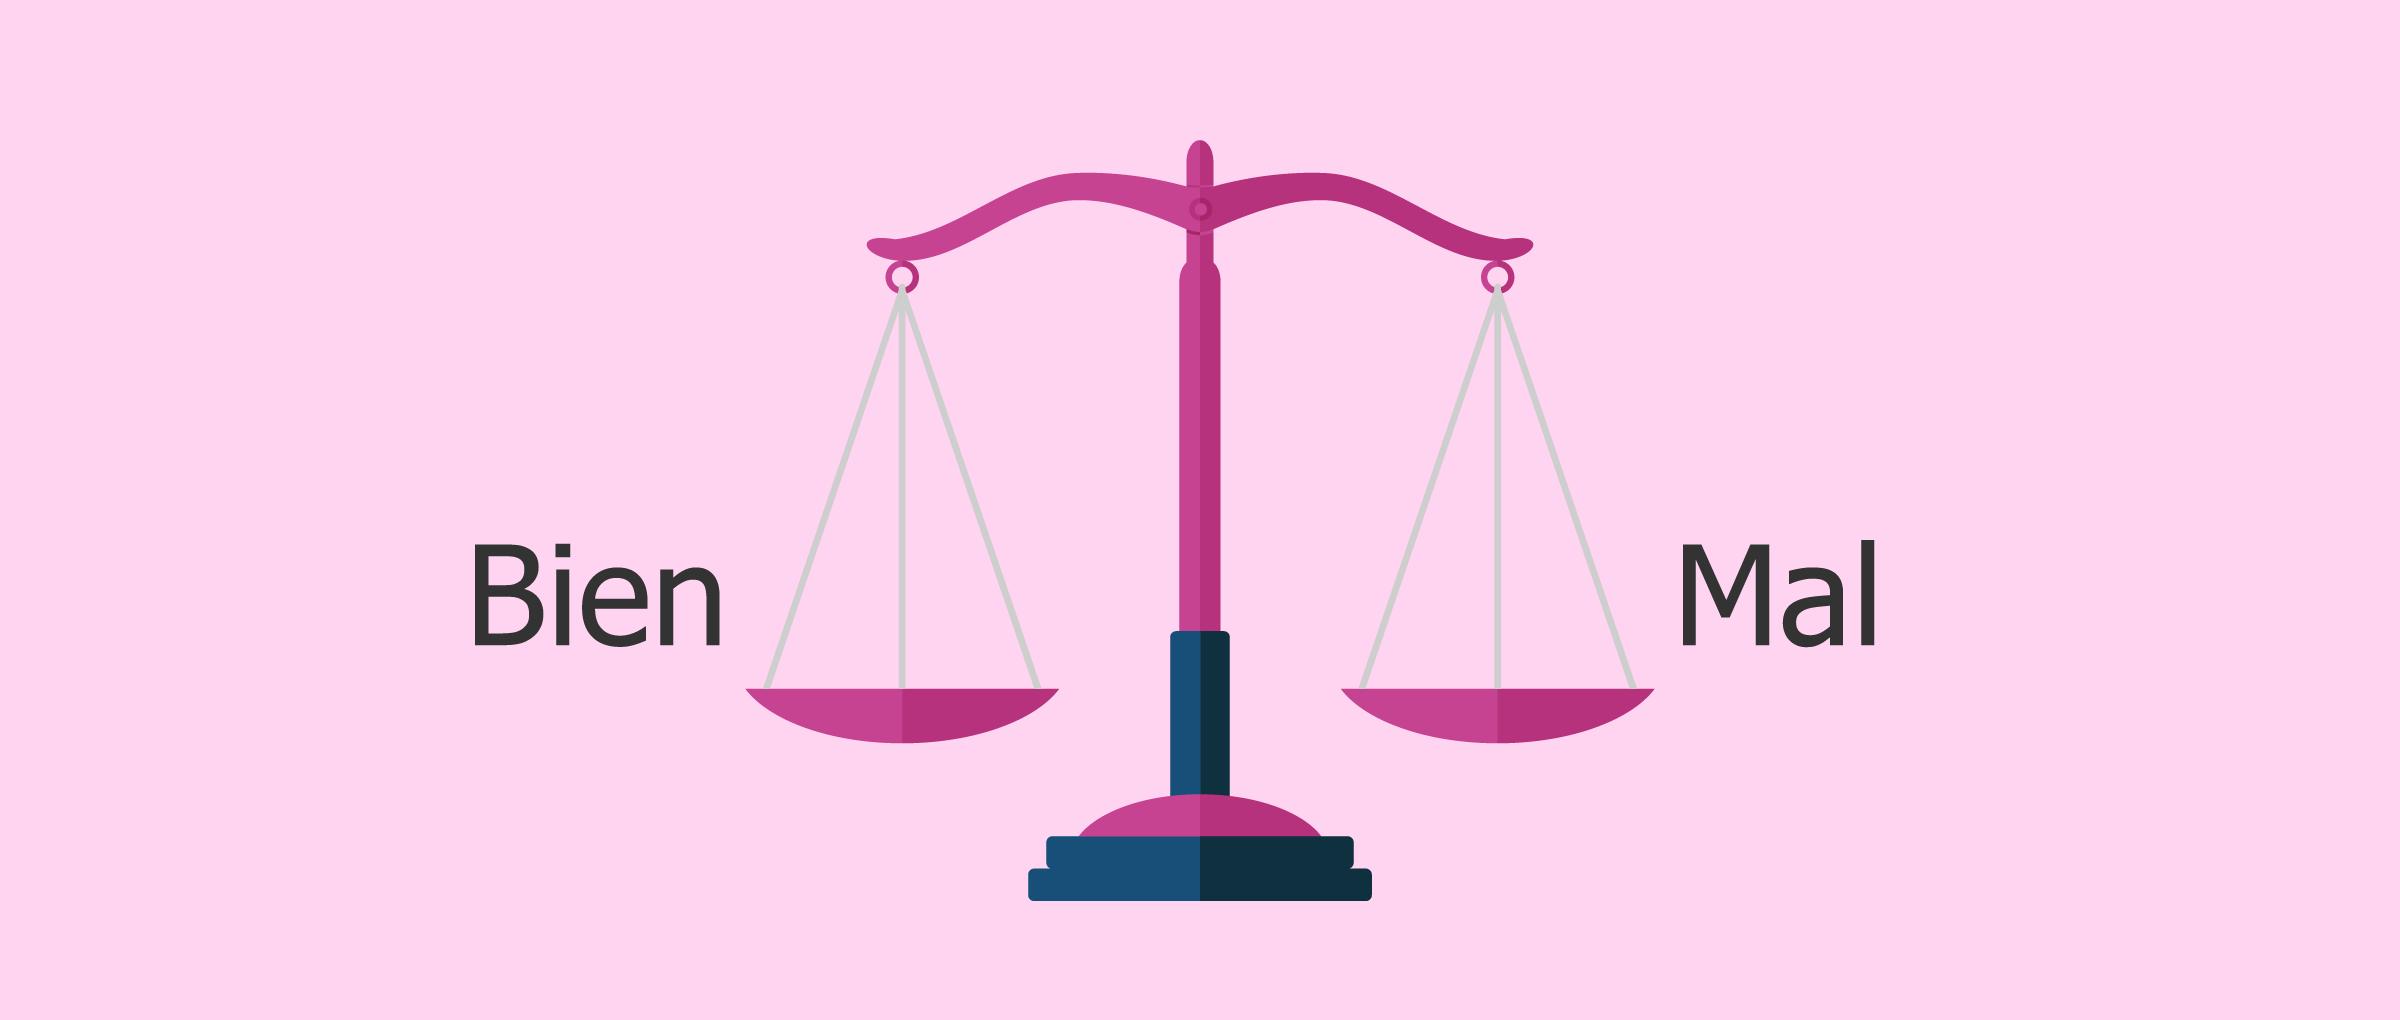 Implicaciones morales de la maternidad subrogada